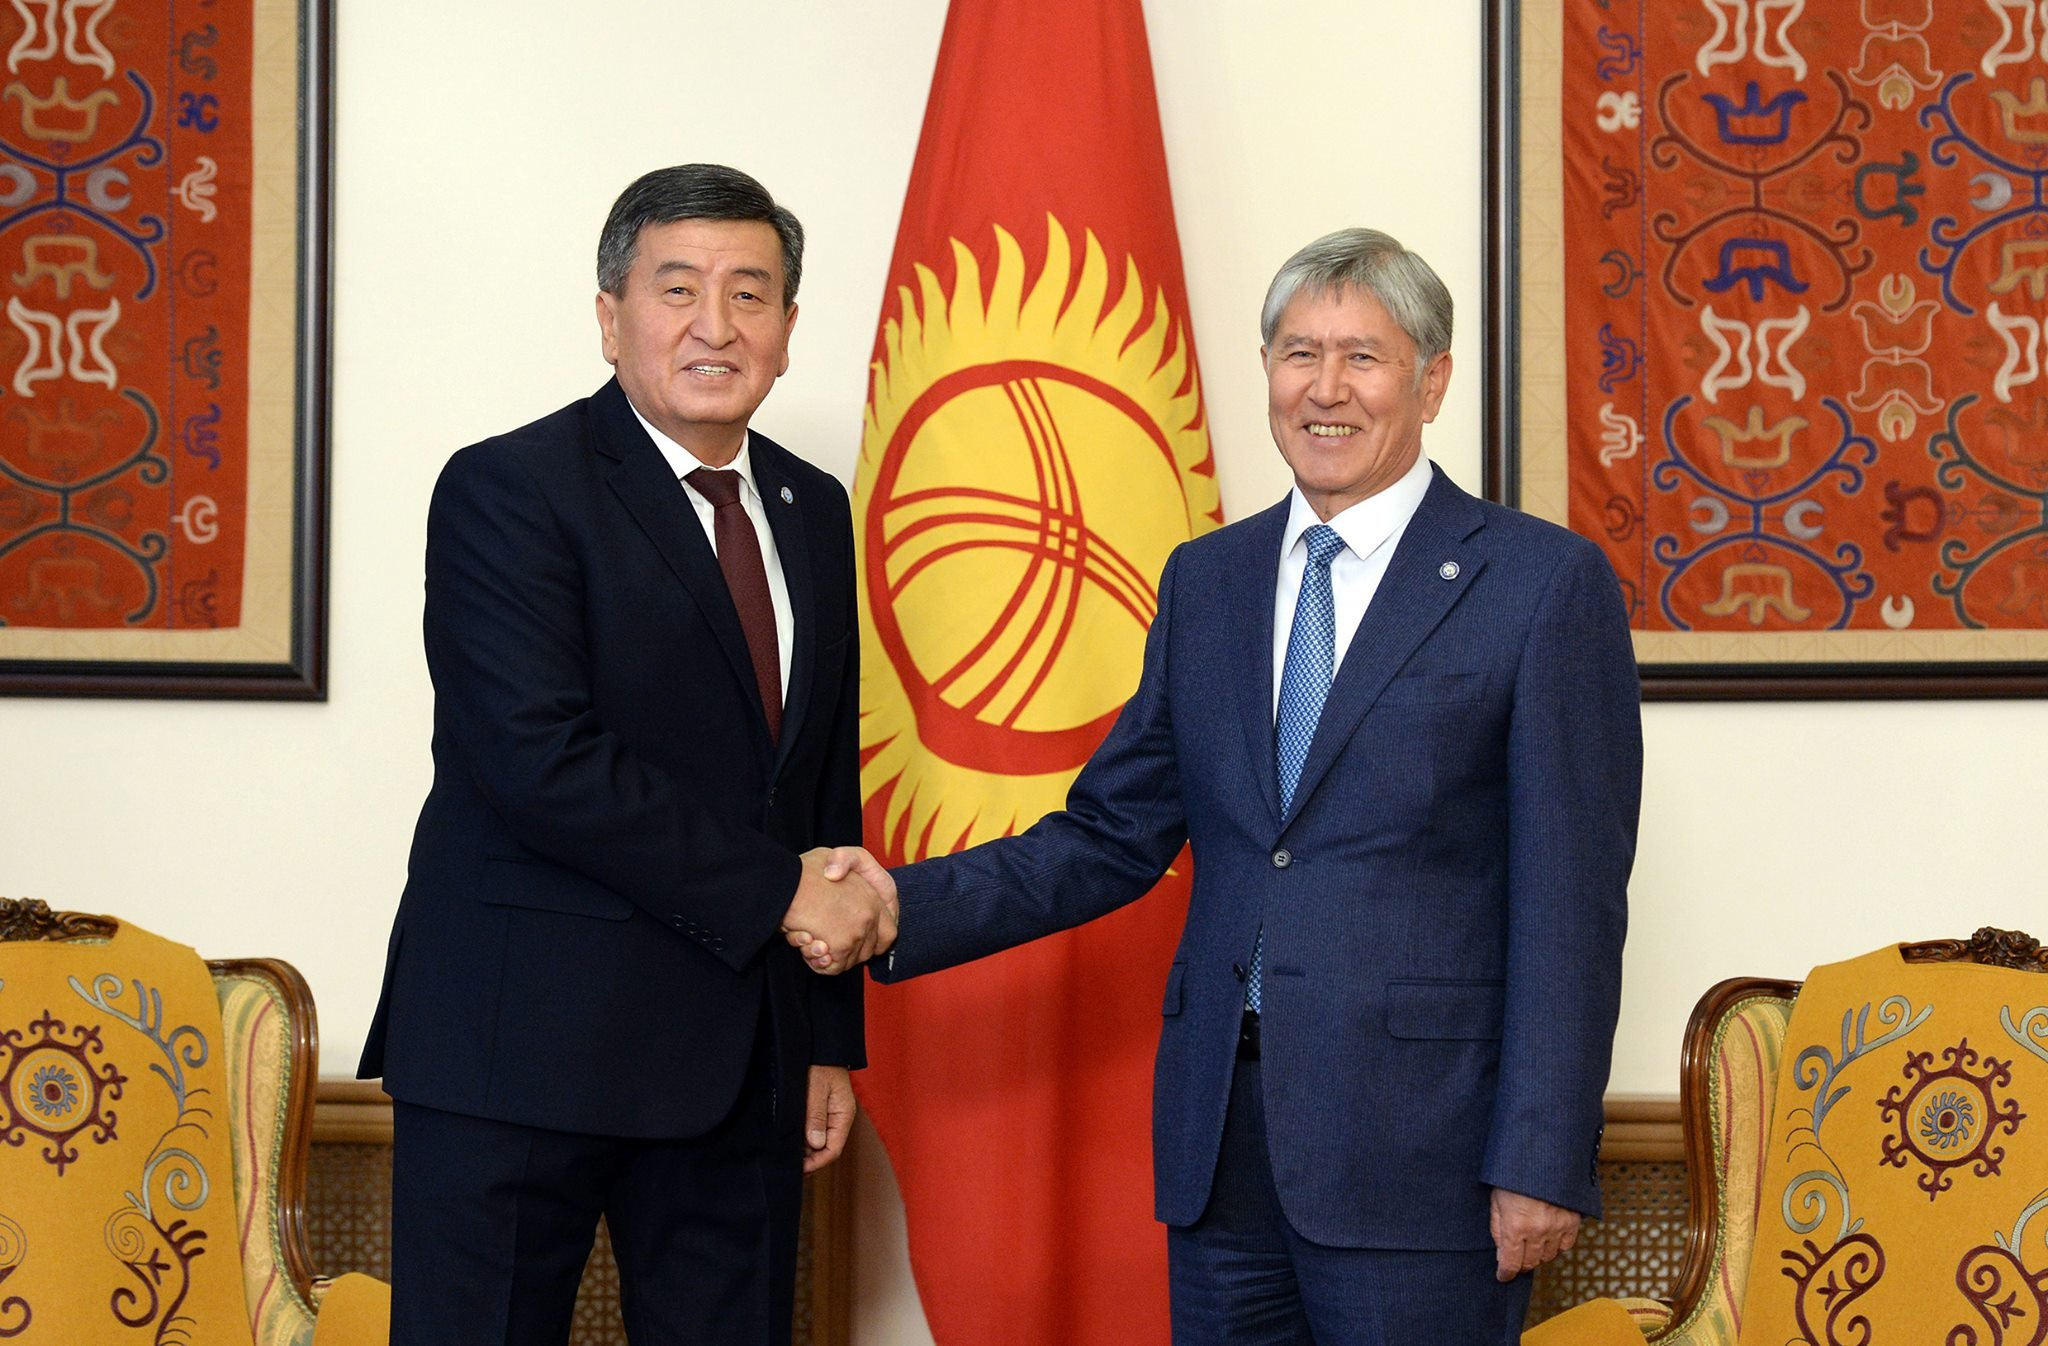 Новый президент Киргизии вступит вдолжность 24ноября